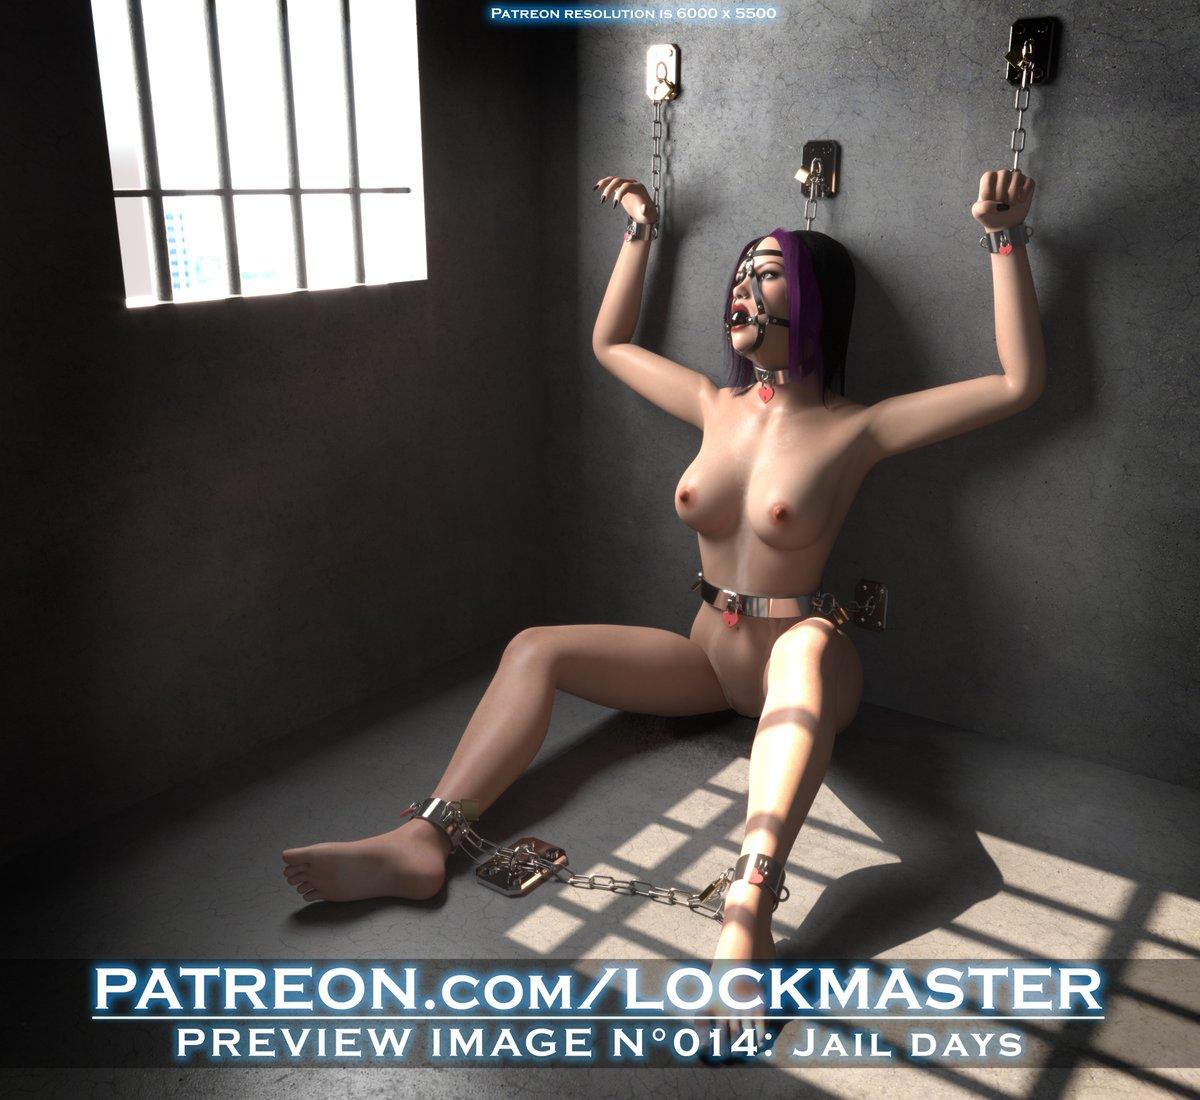 3D Digital Bdsm lock-master (@lockmasterbdsm) | twitter